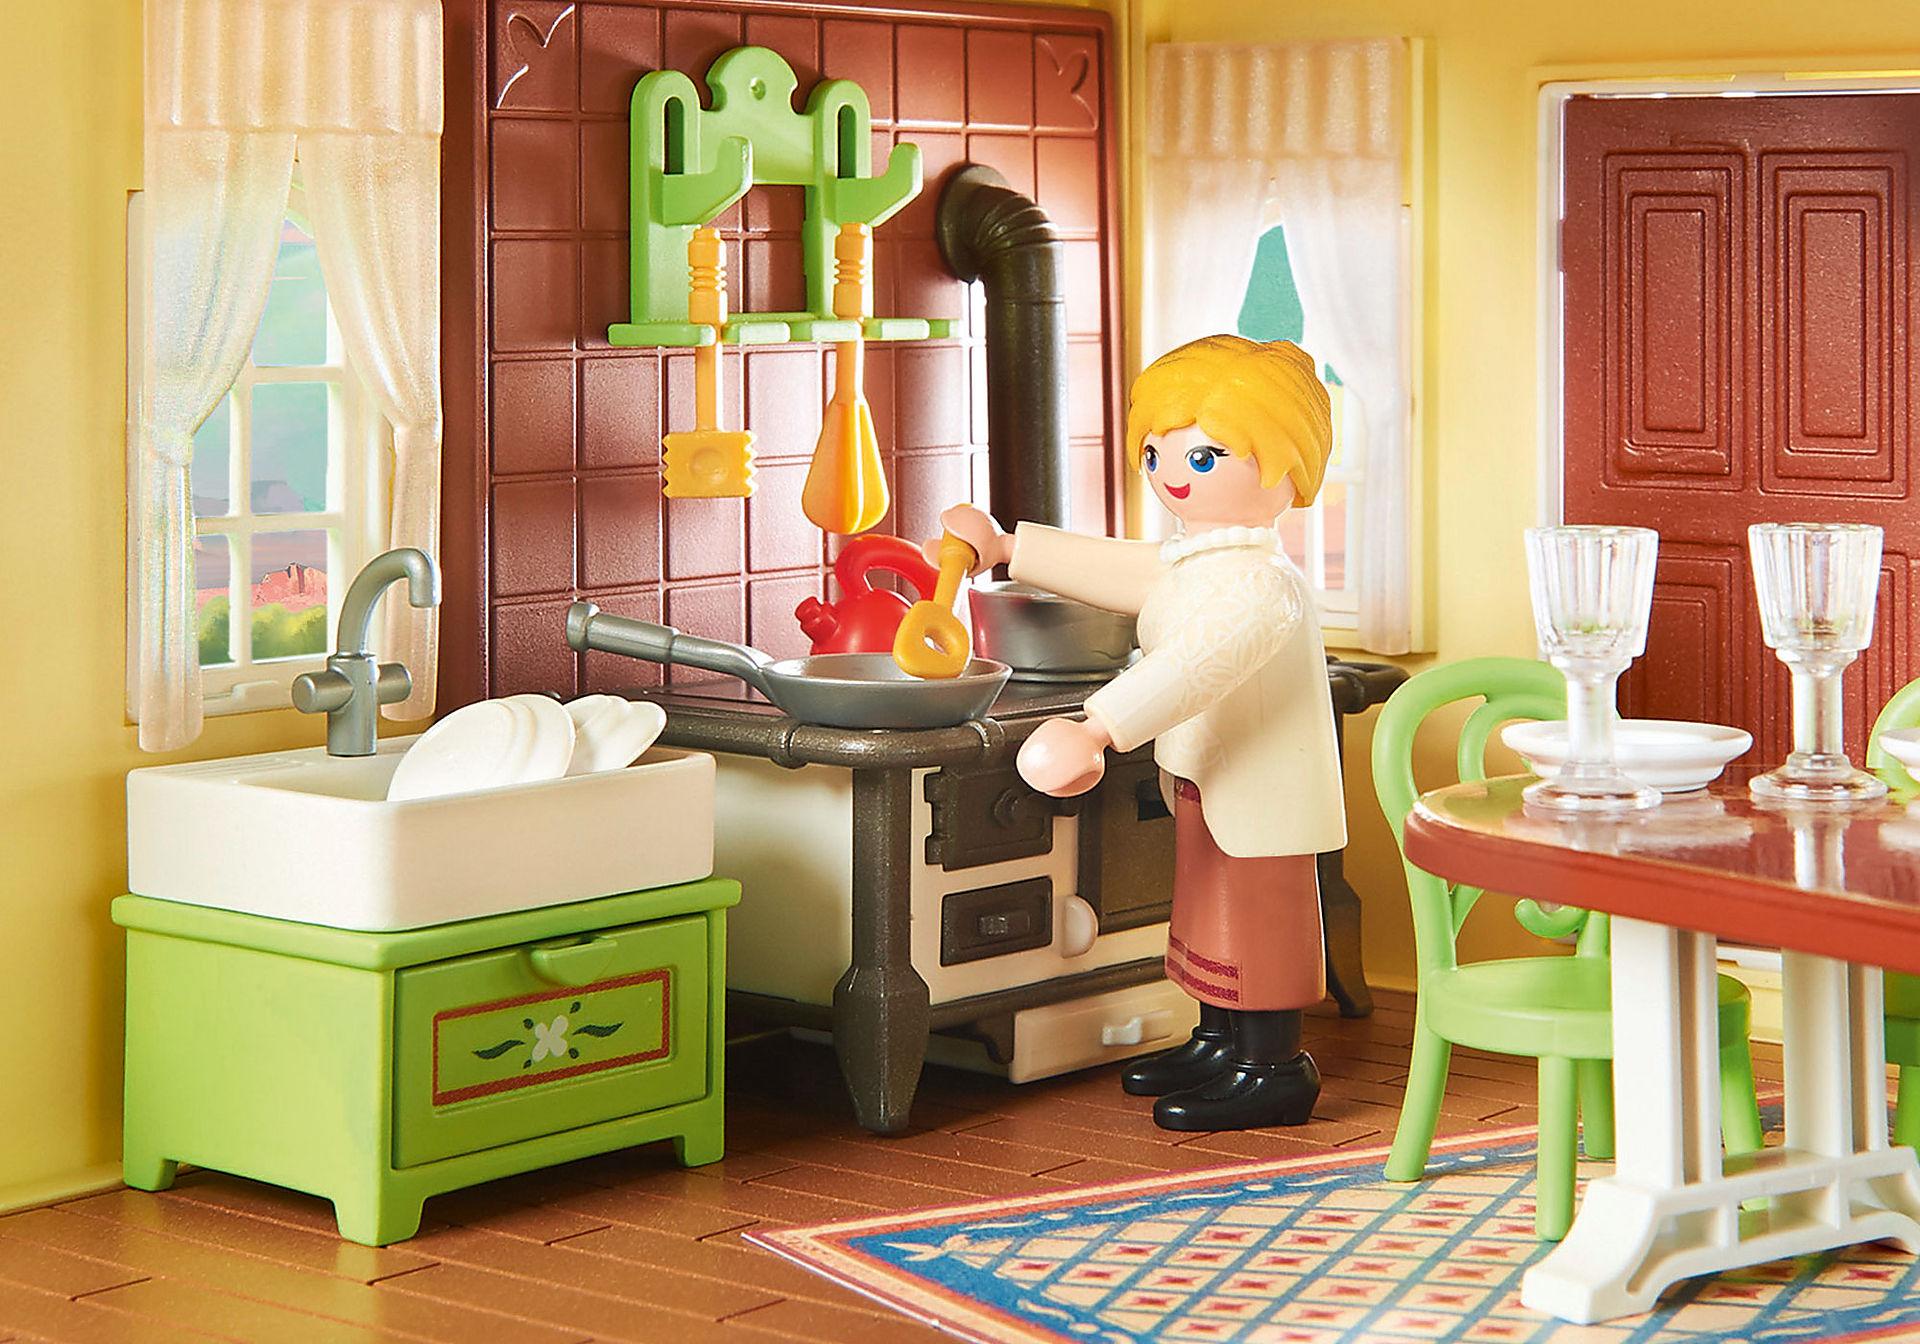 http://media.playmobil.com/i/playmobil/9475_product_extra1/Casa da Lucky